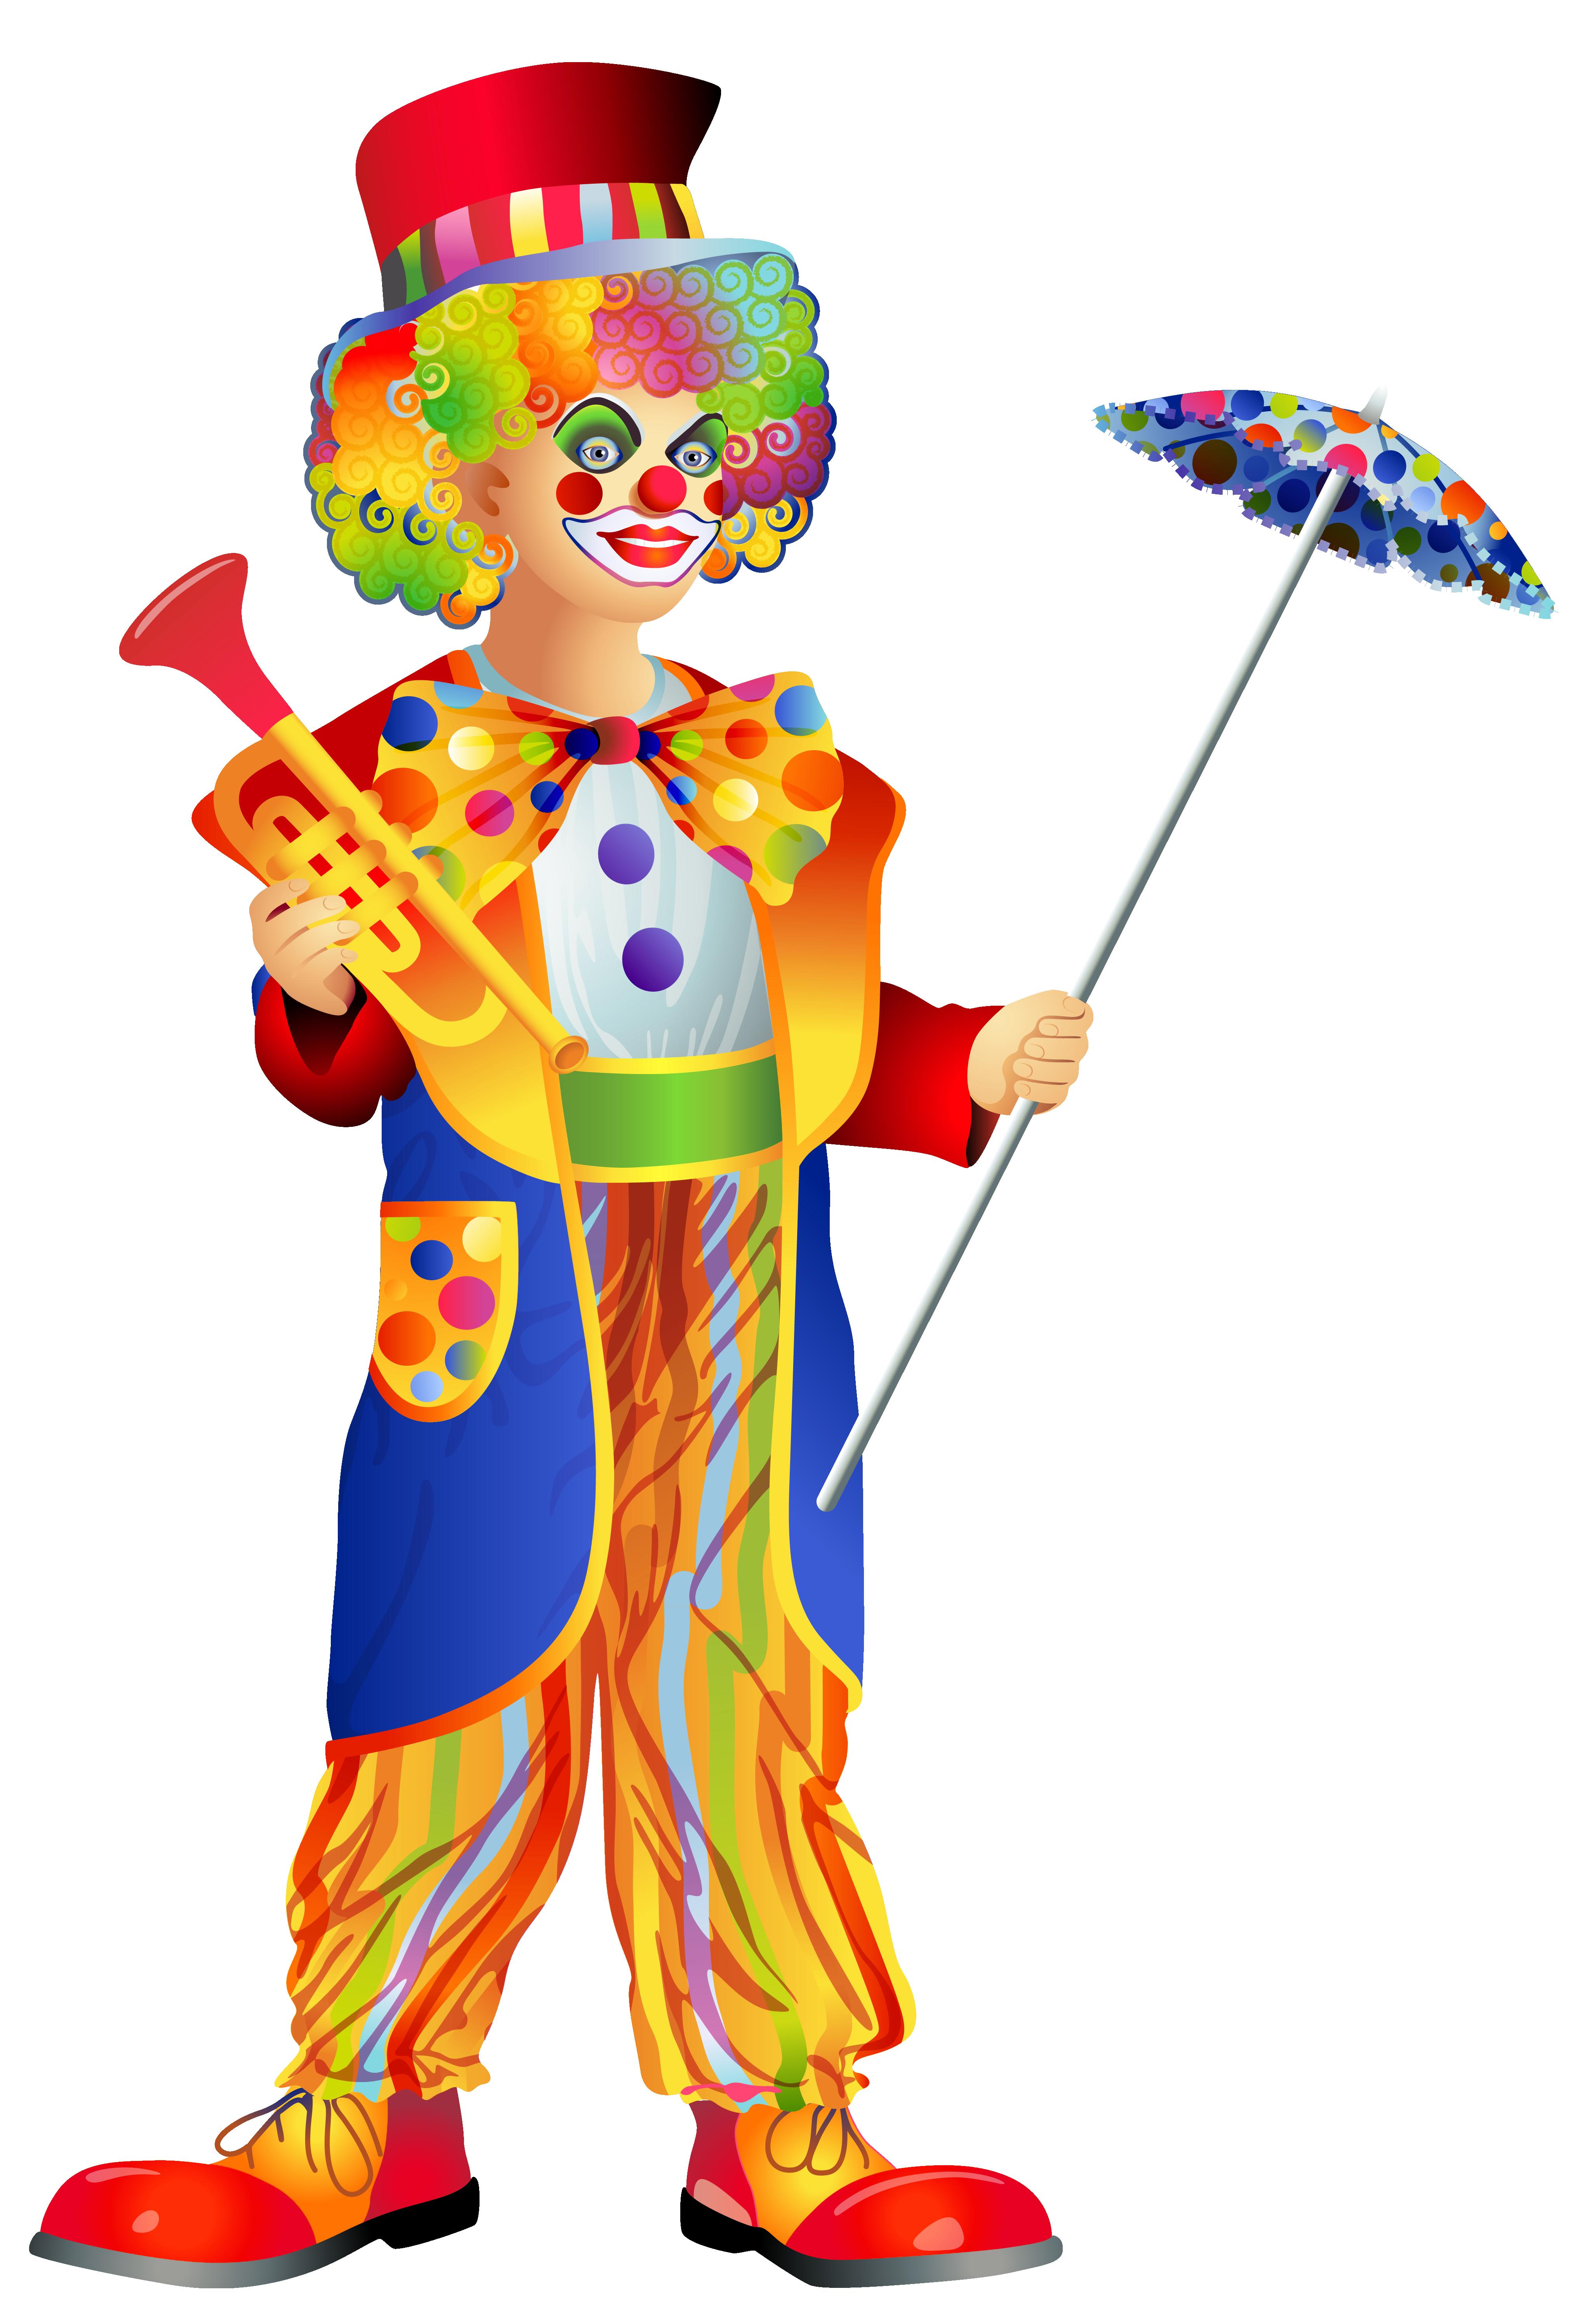 Png clip art image. Clown clipart clown costume